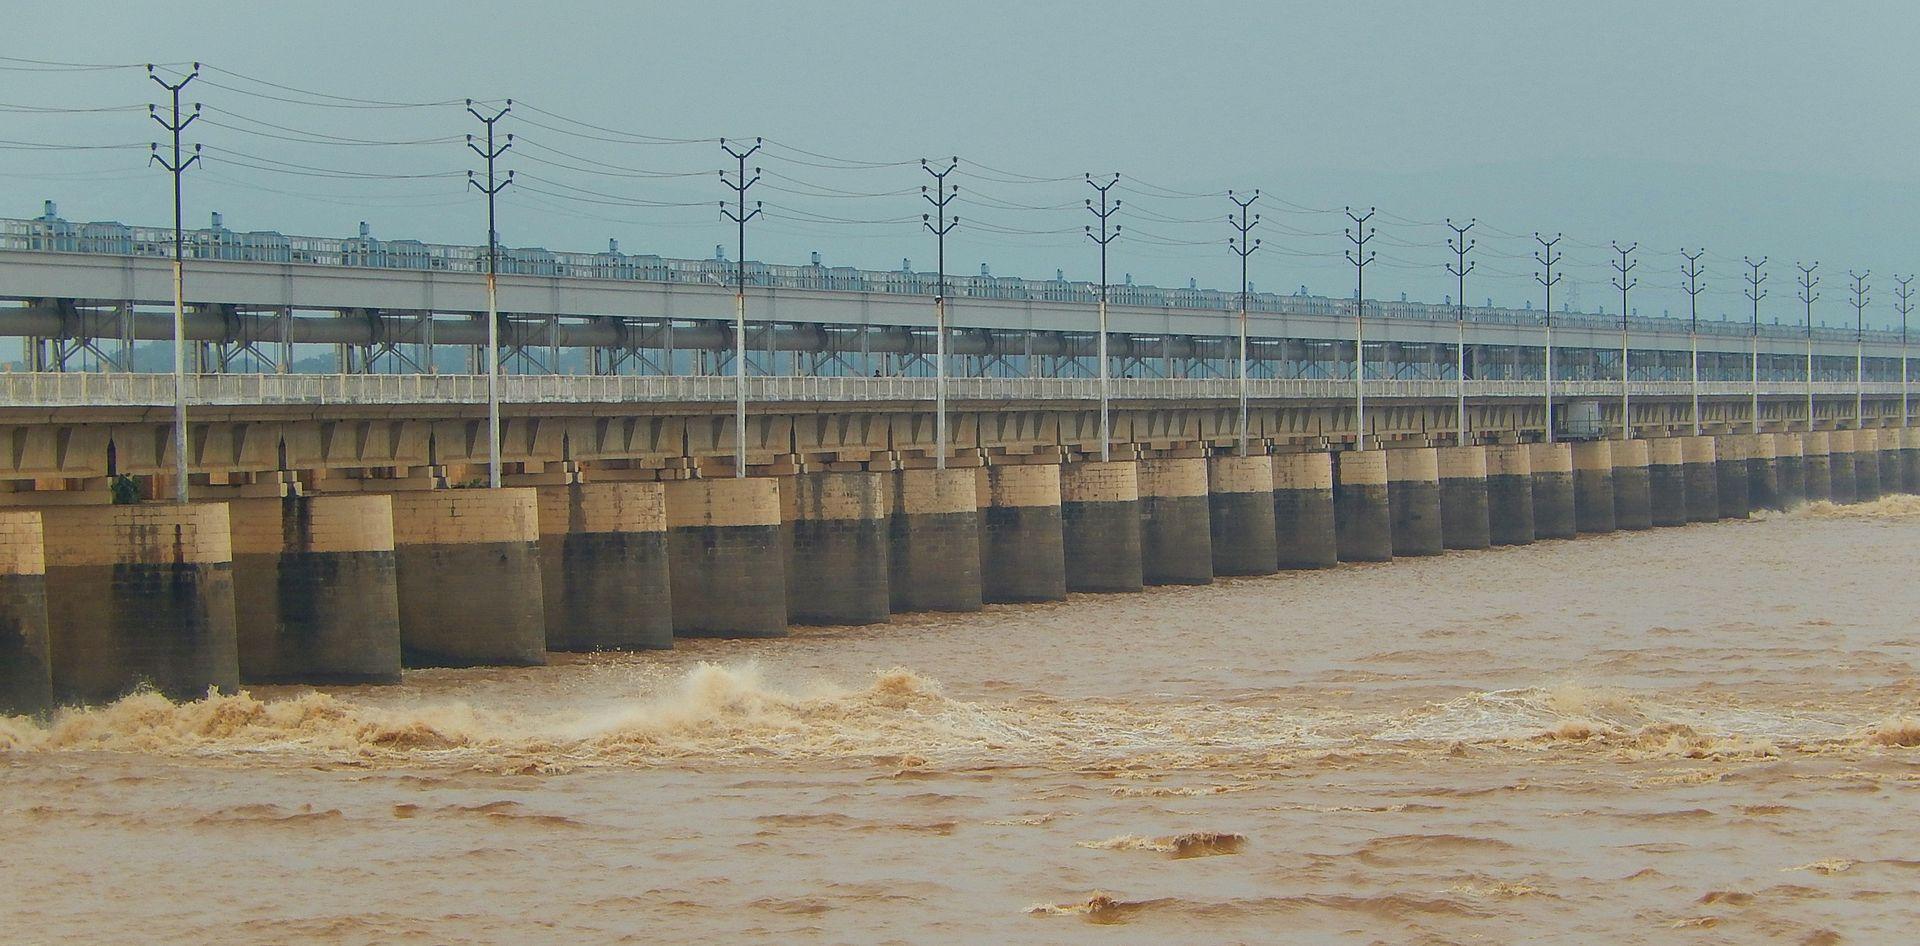 Le barrage d'Indrapuri